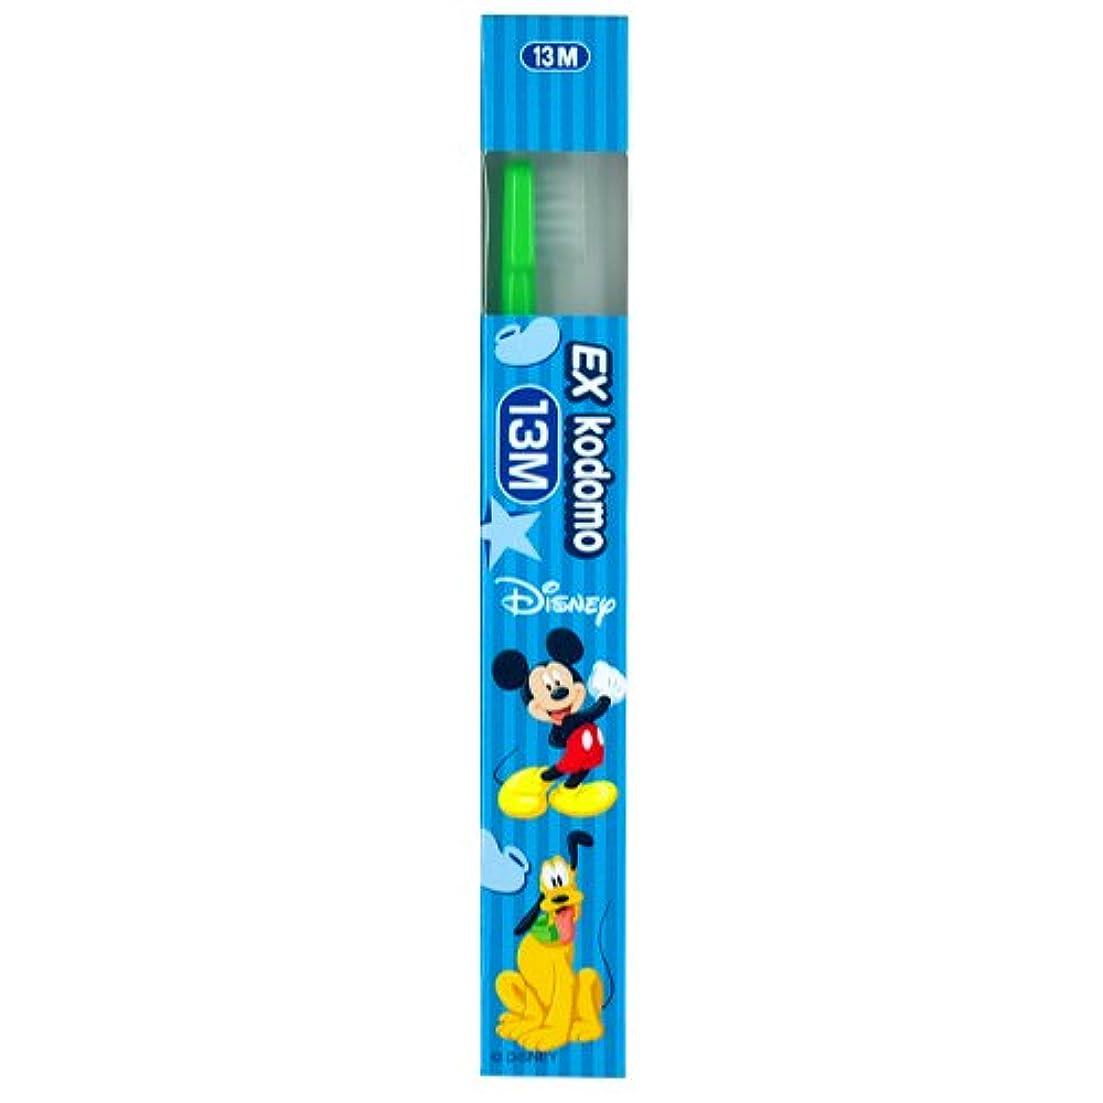 パトロン侮辱デザートライオン EX kodomo ディズニー 歯ブラシ 1本 13M グリーン